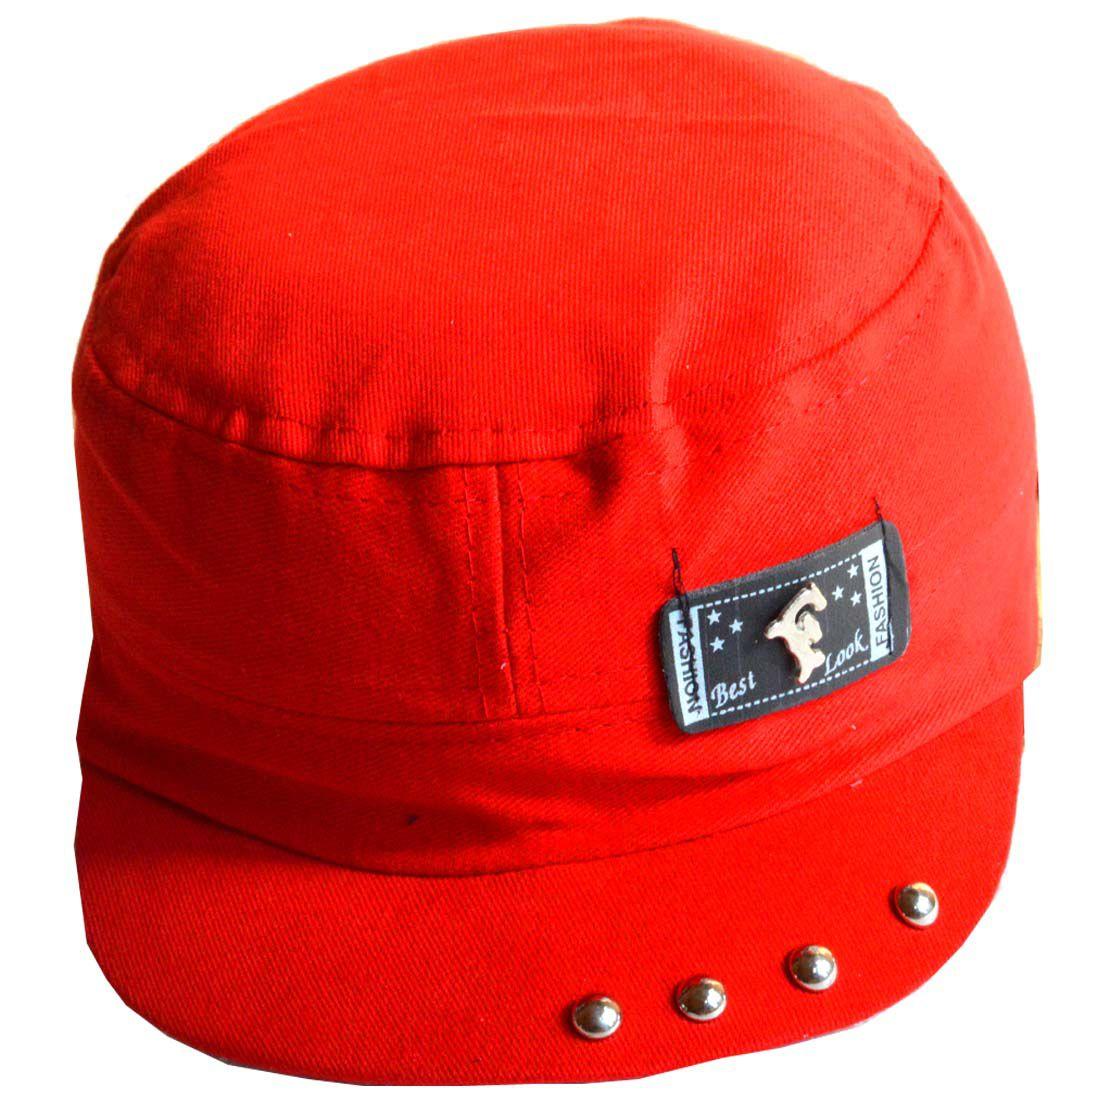 Faynci Red Graphic Cotton Caps